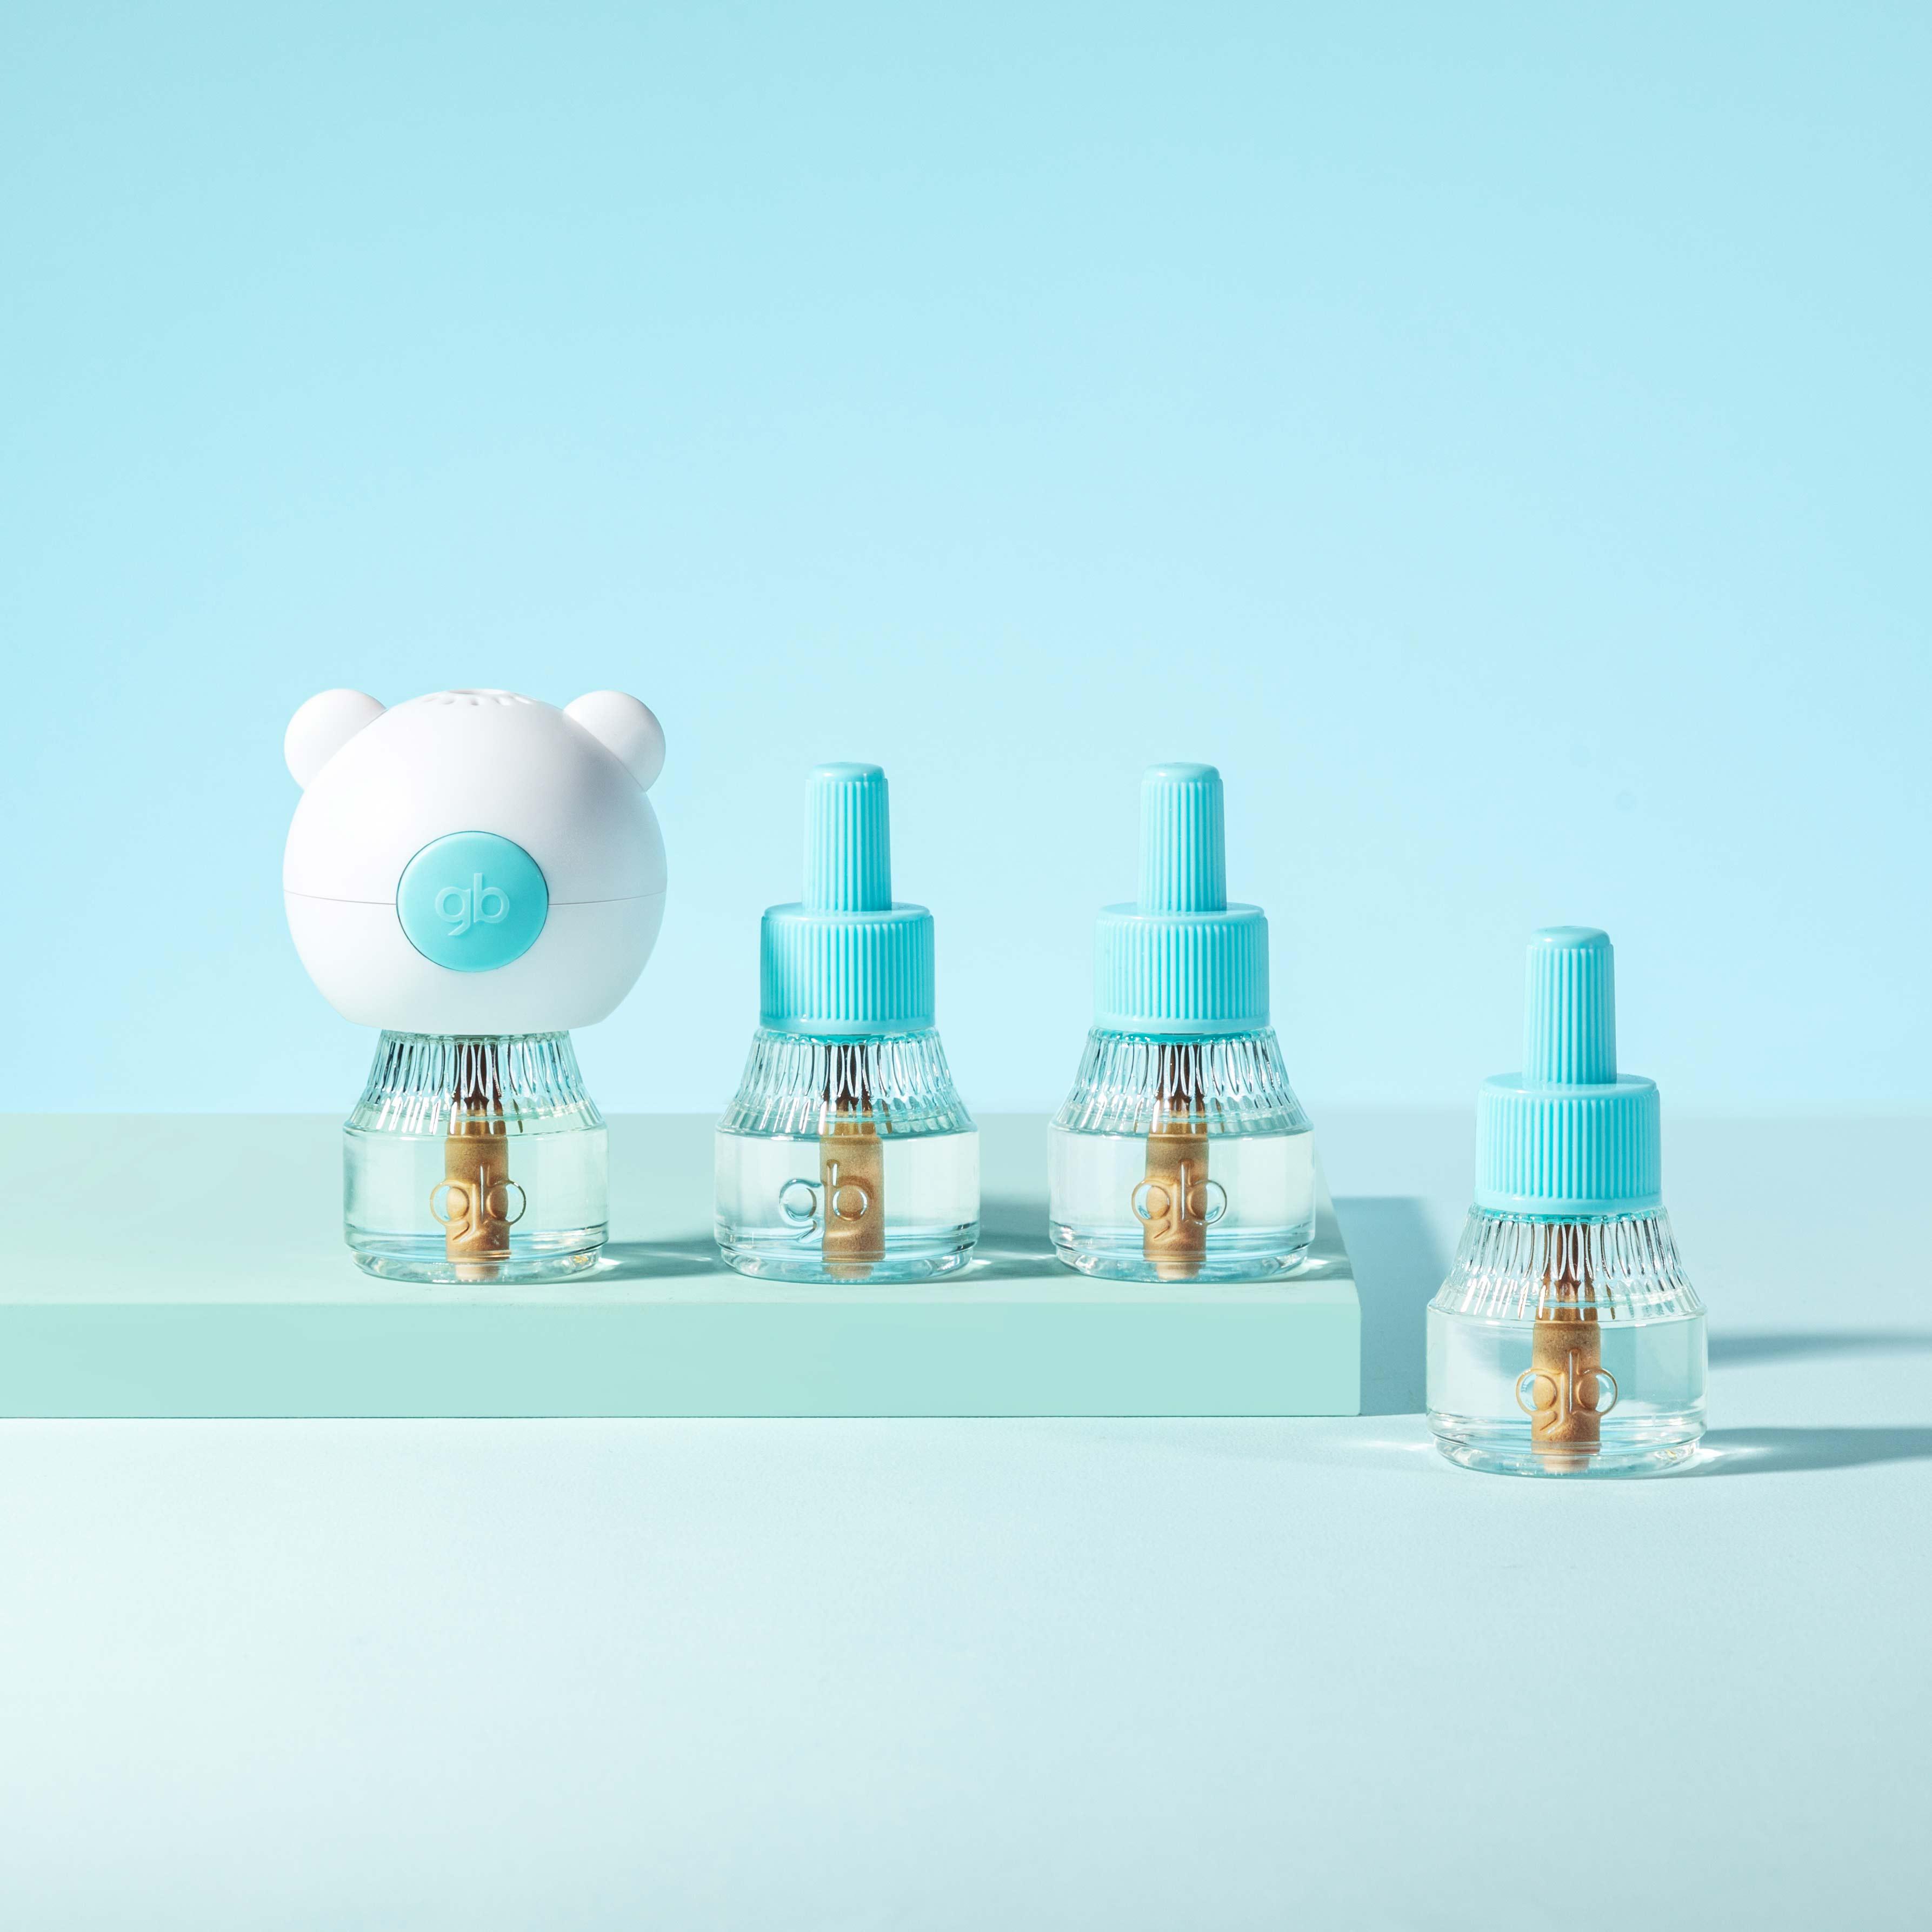 gb好孩子灭蚊香液无味婴儿孕妇专用宝宝驱蚊液防蚊水儿童电蚊香液